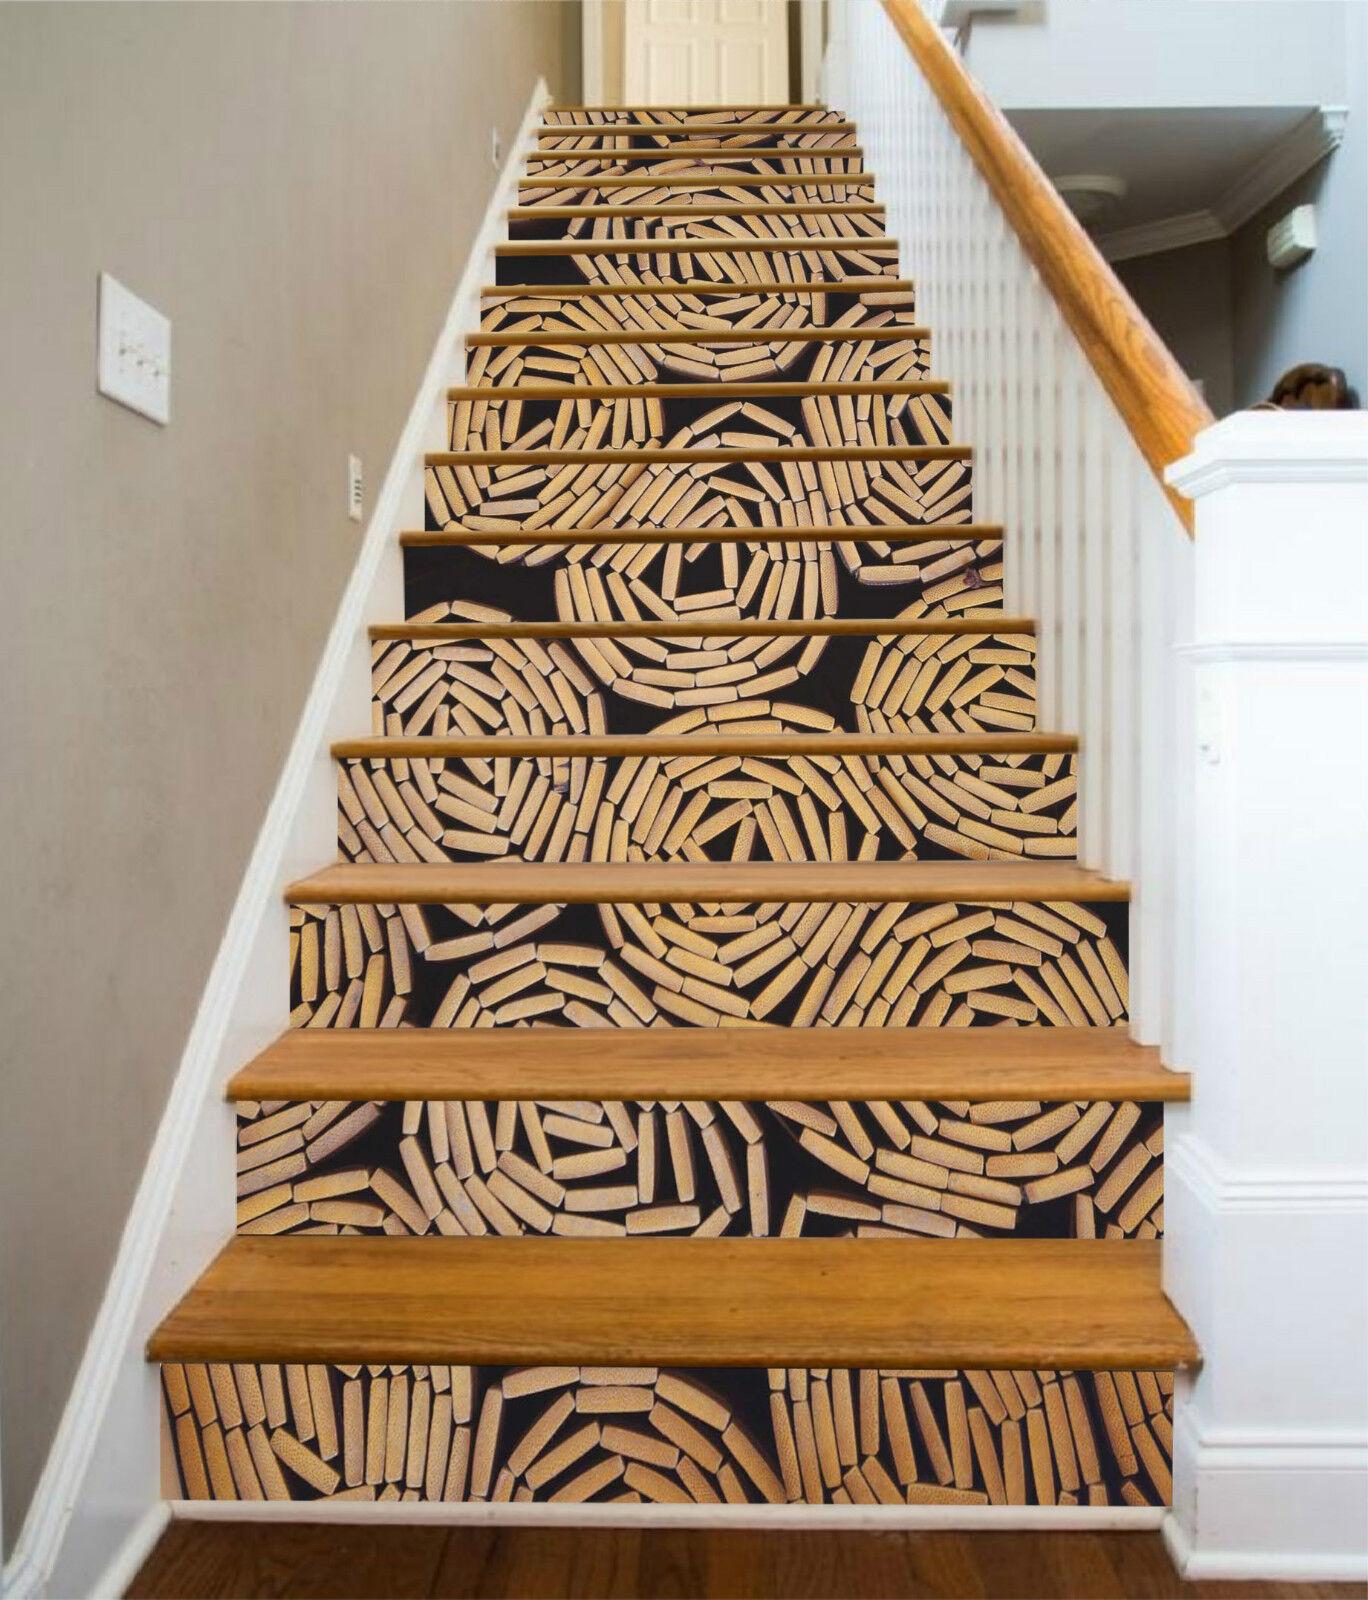 3d Tapis bambou 225 Stair Risers Décoration Papier Peint Vinyle Autocollant Papier Peint De